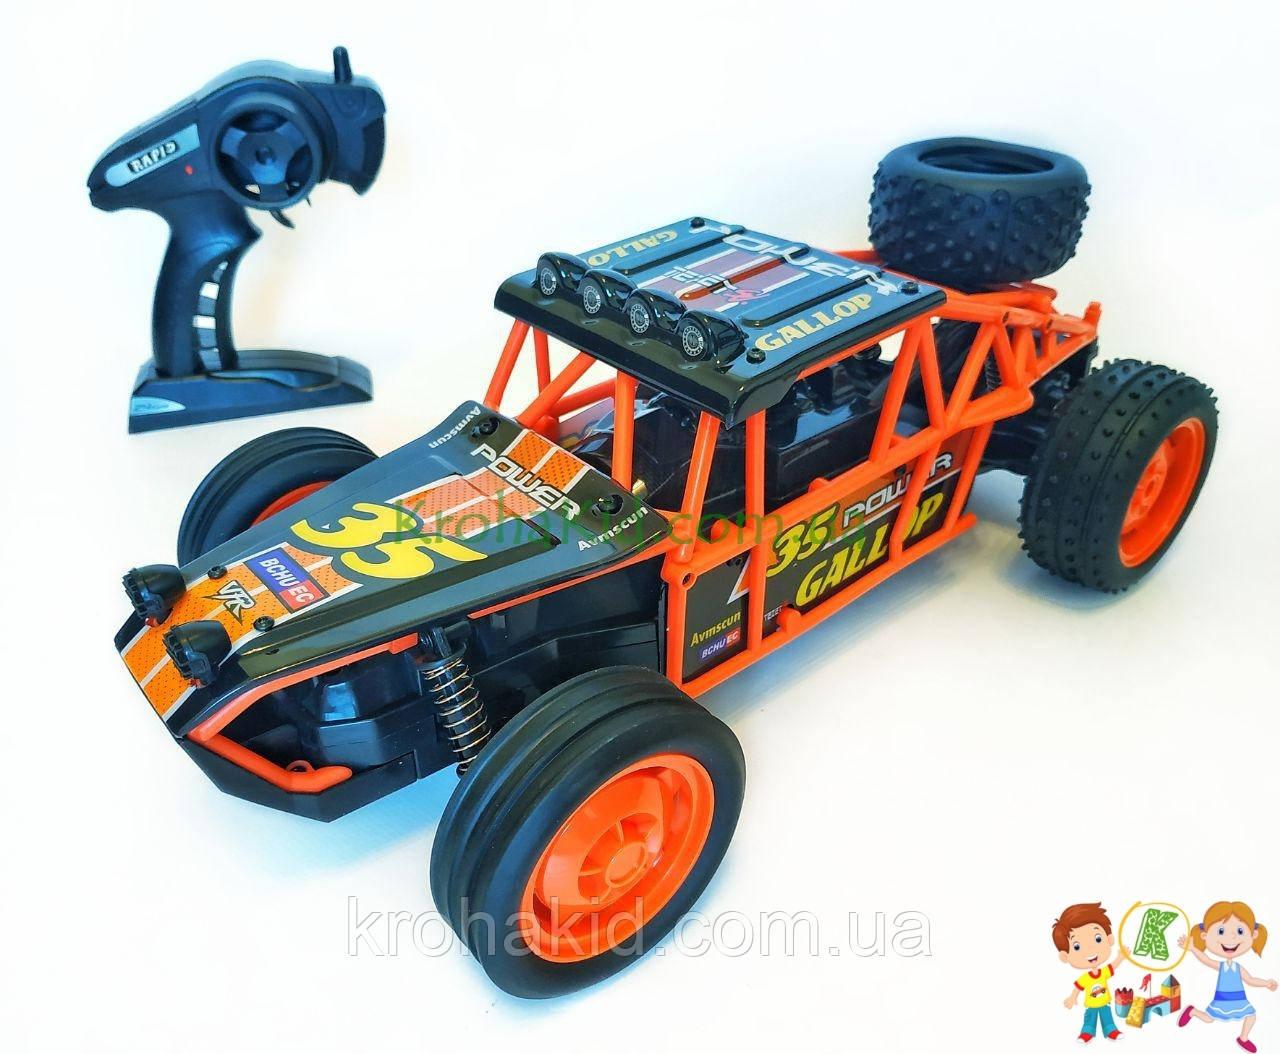 Спортивная машинка багги на радиоуправлении, аккумулятор, 2WD, резиновые колеса, плавный ход YED1702